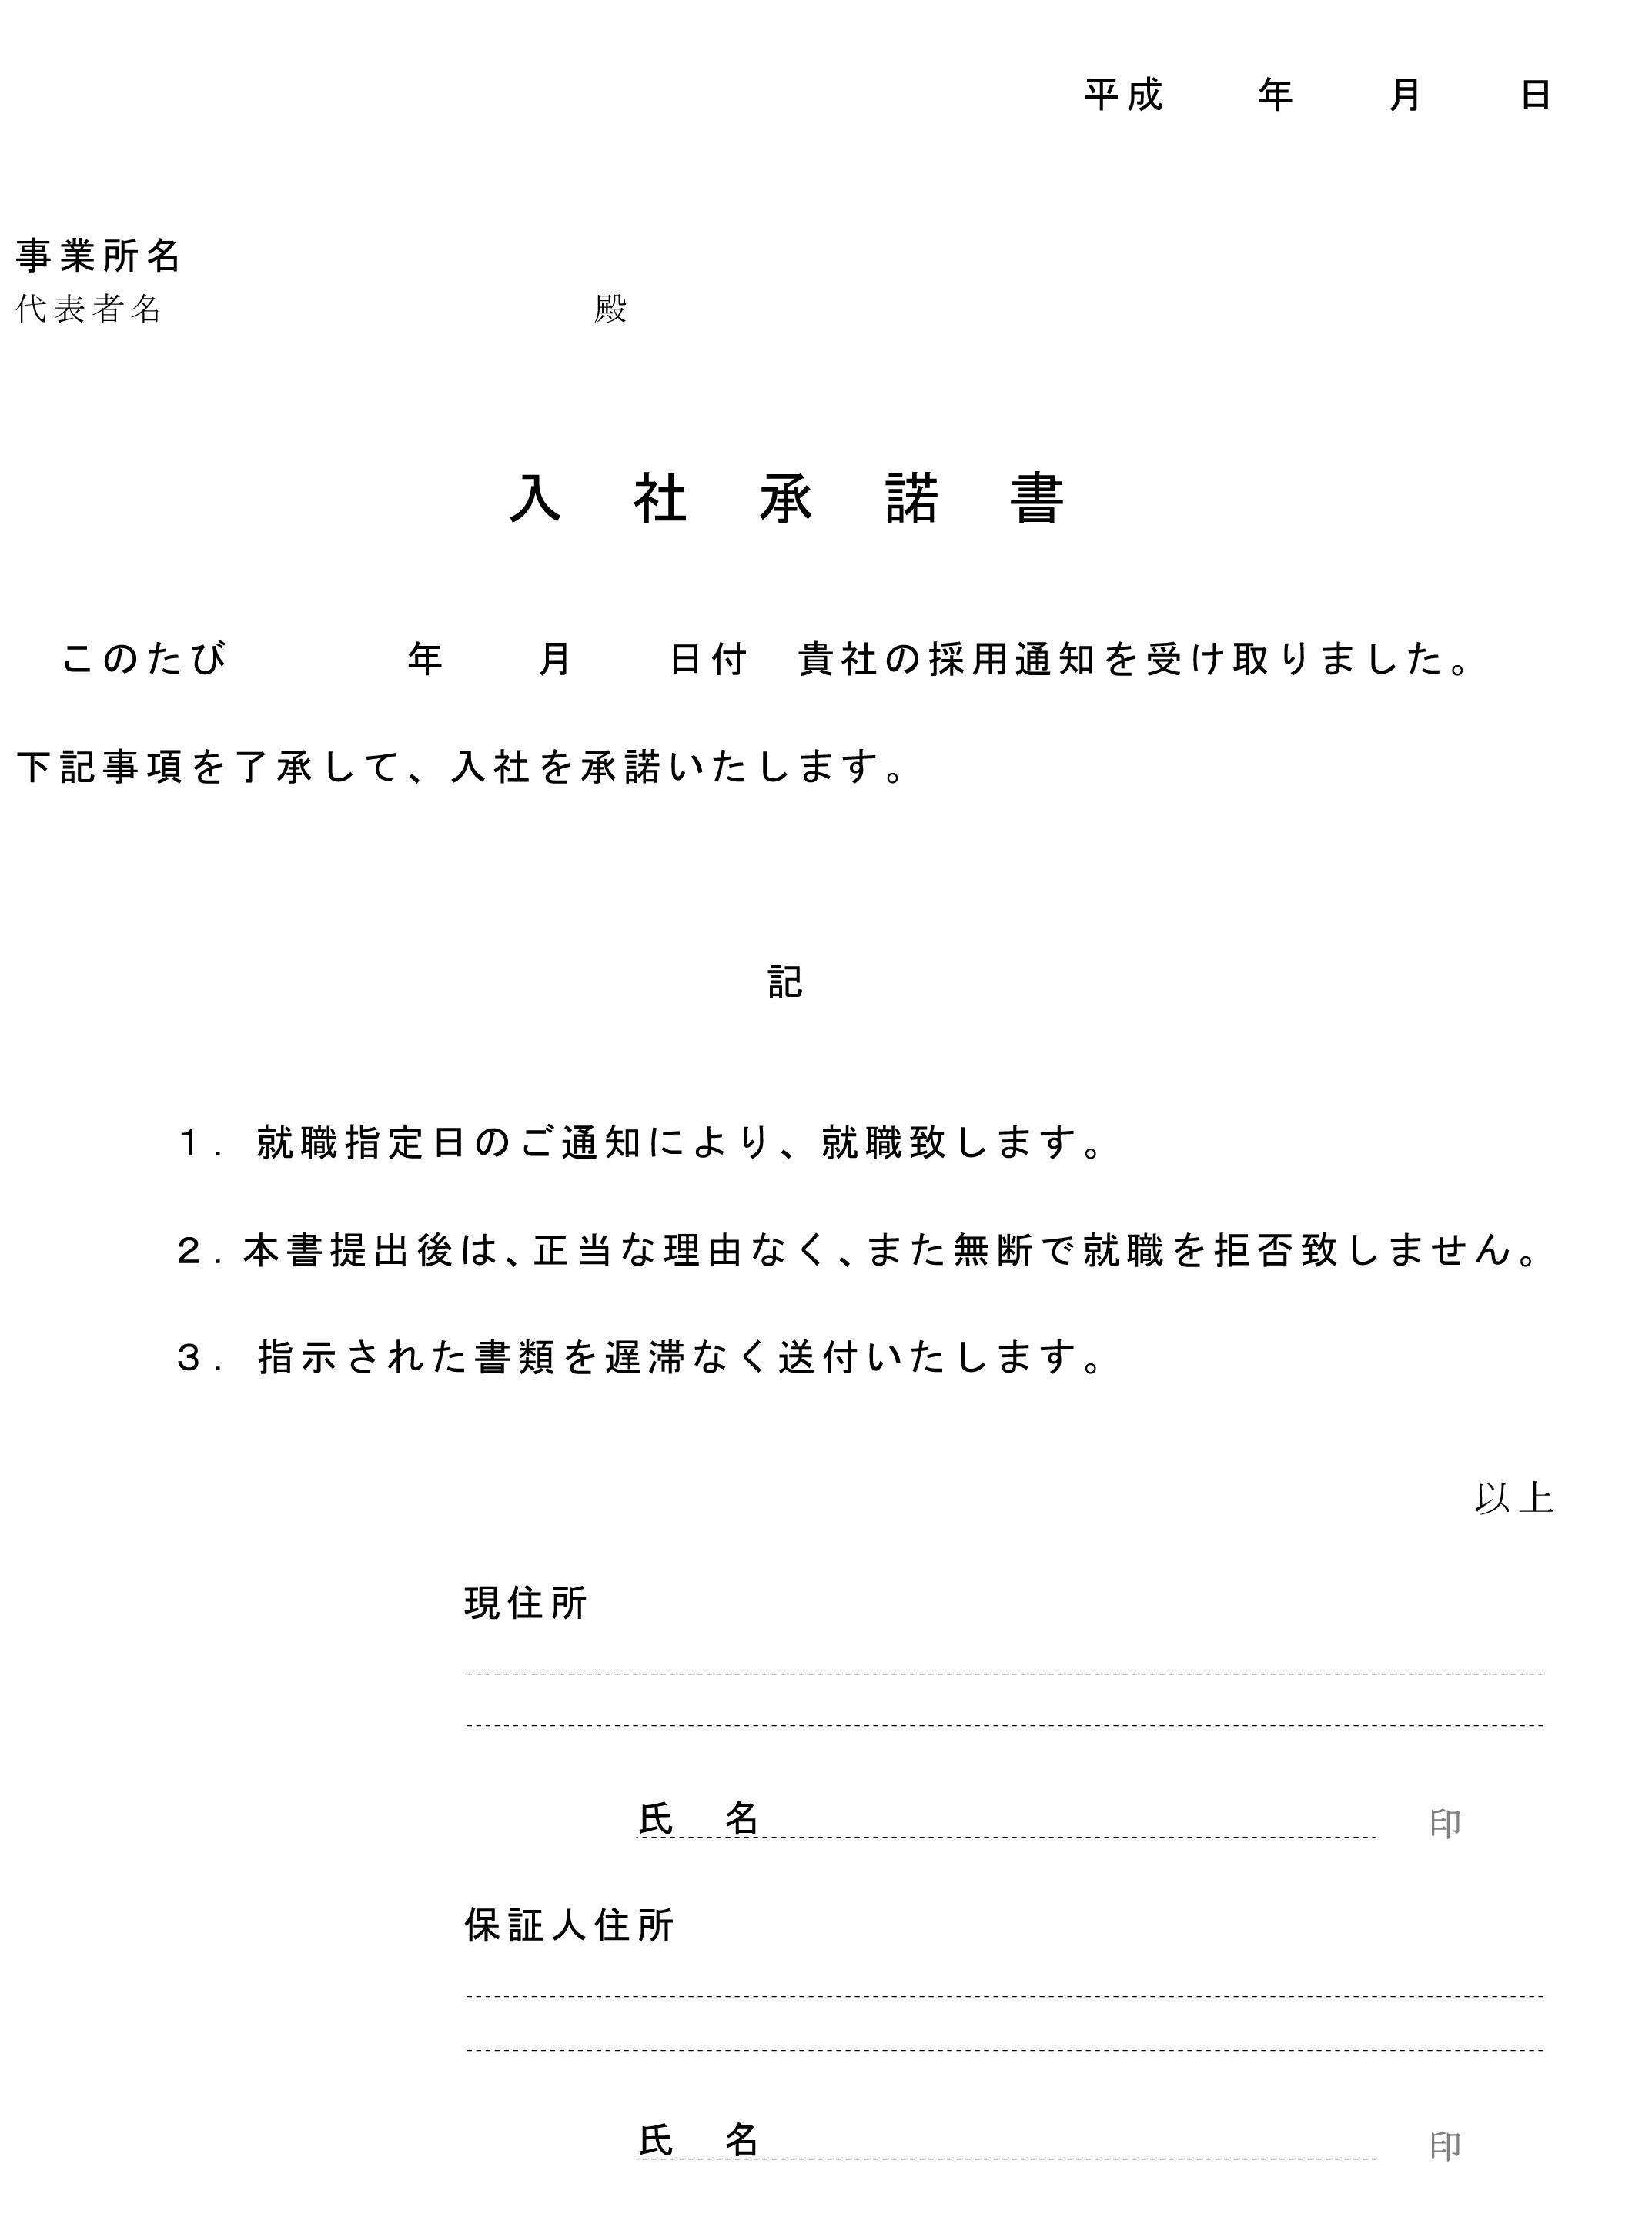 入社承諾書03